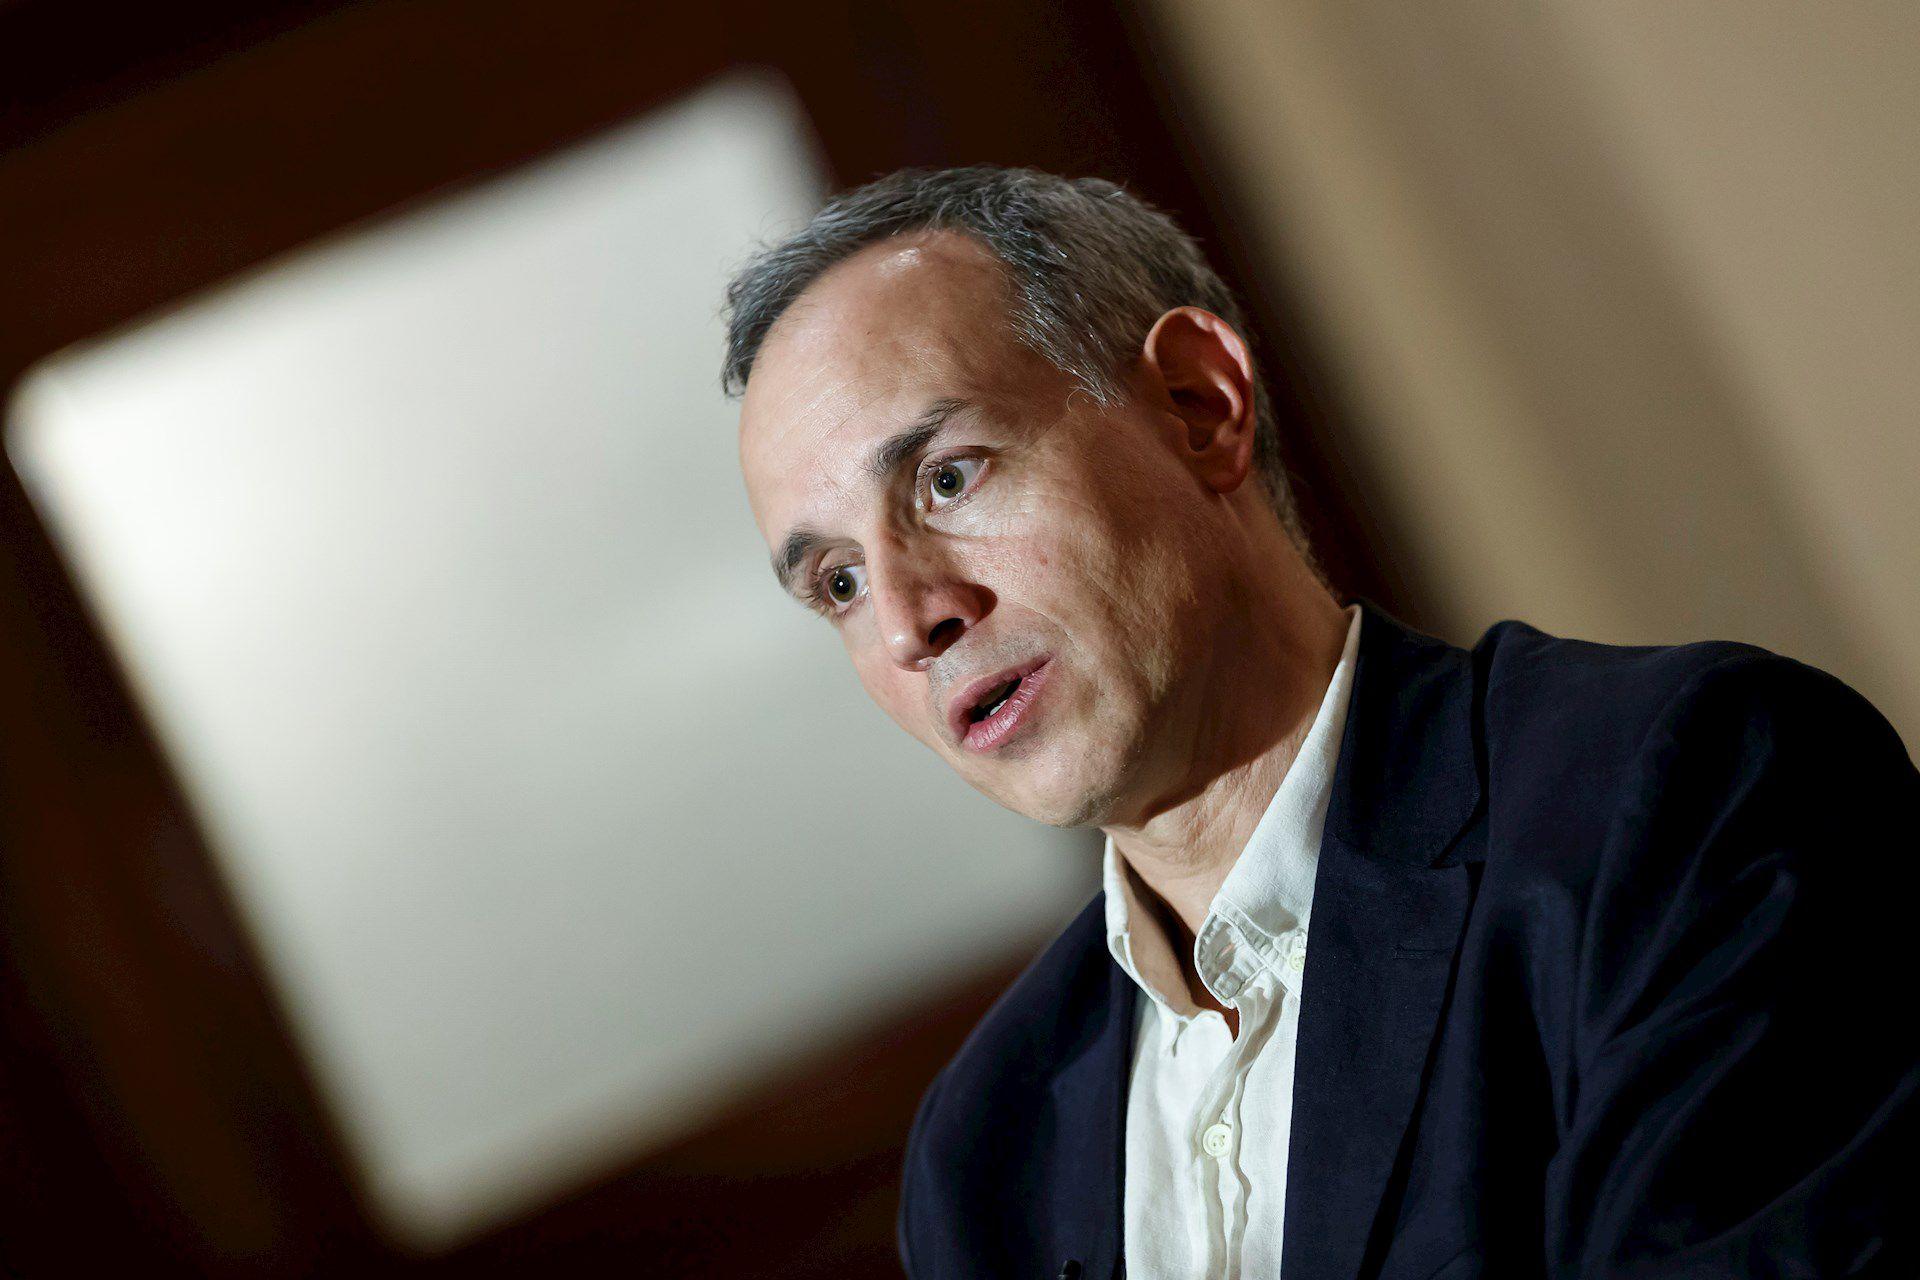 El subsecretario López-Gatell se mostró optimista ante los datos recavados por la SSa respecto al avance de la enfermedad (Foto: EFE)